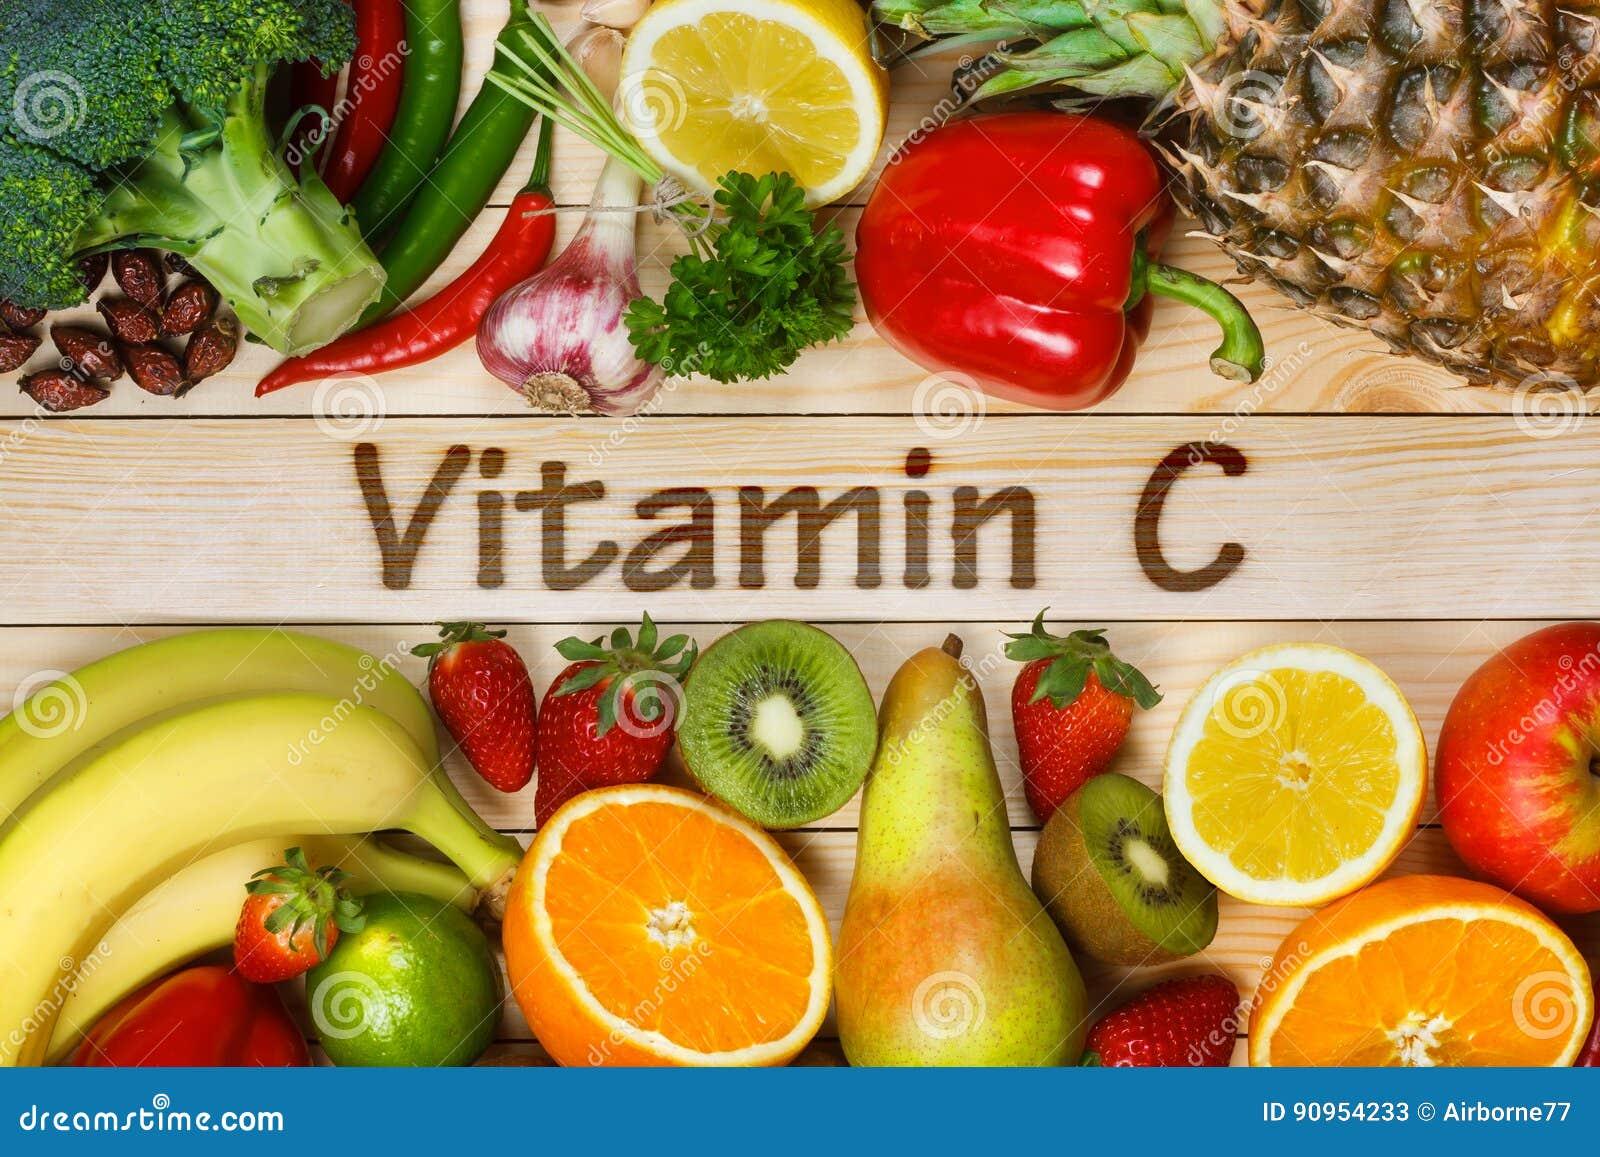 Еда высокая в витамин C